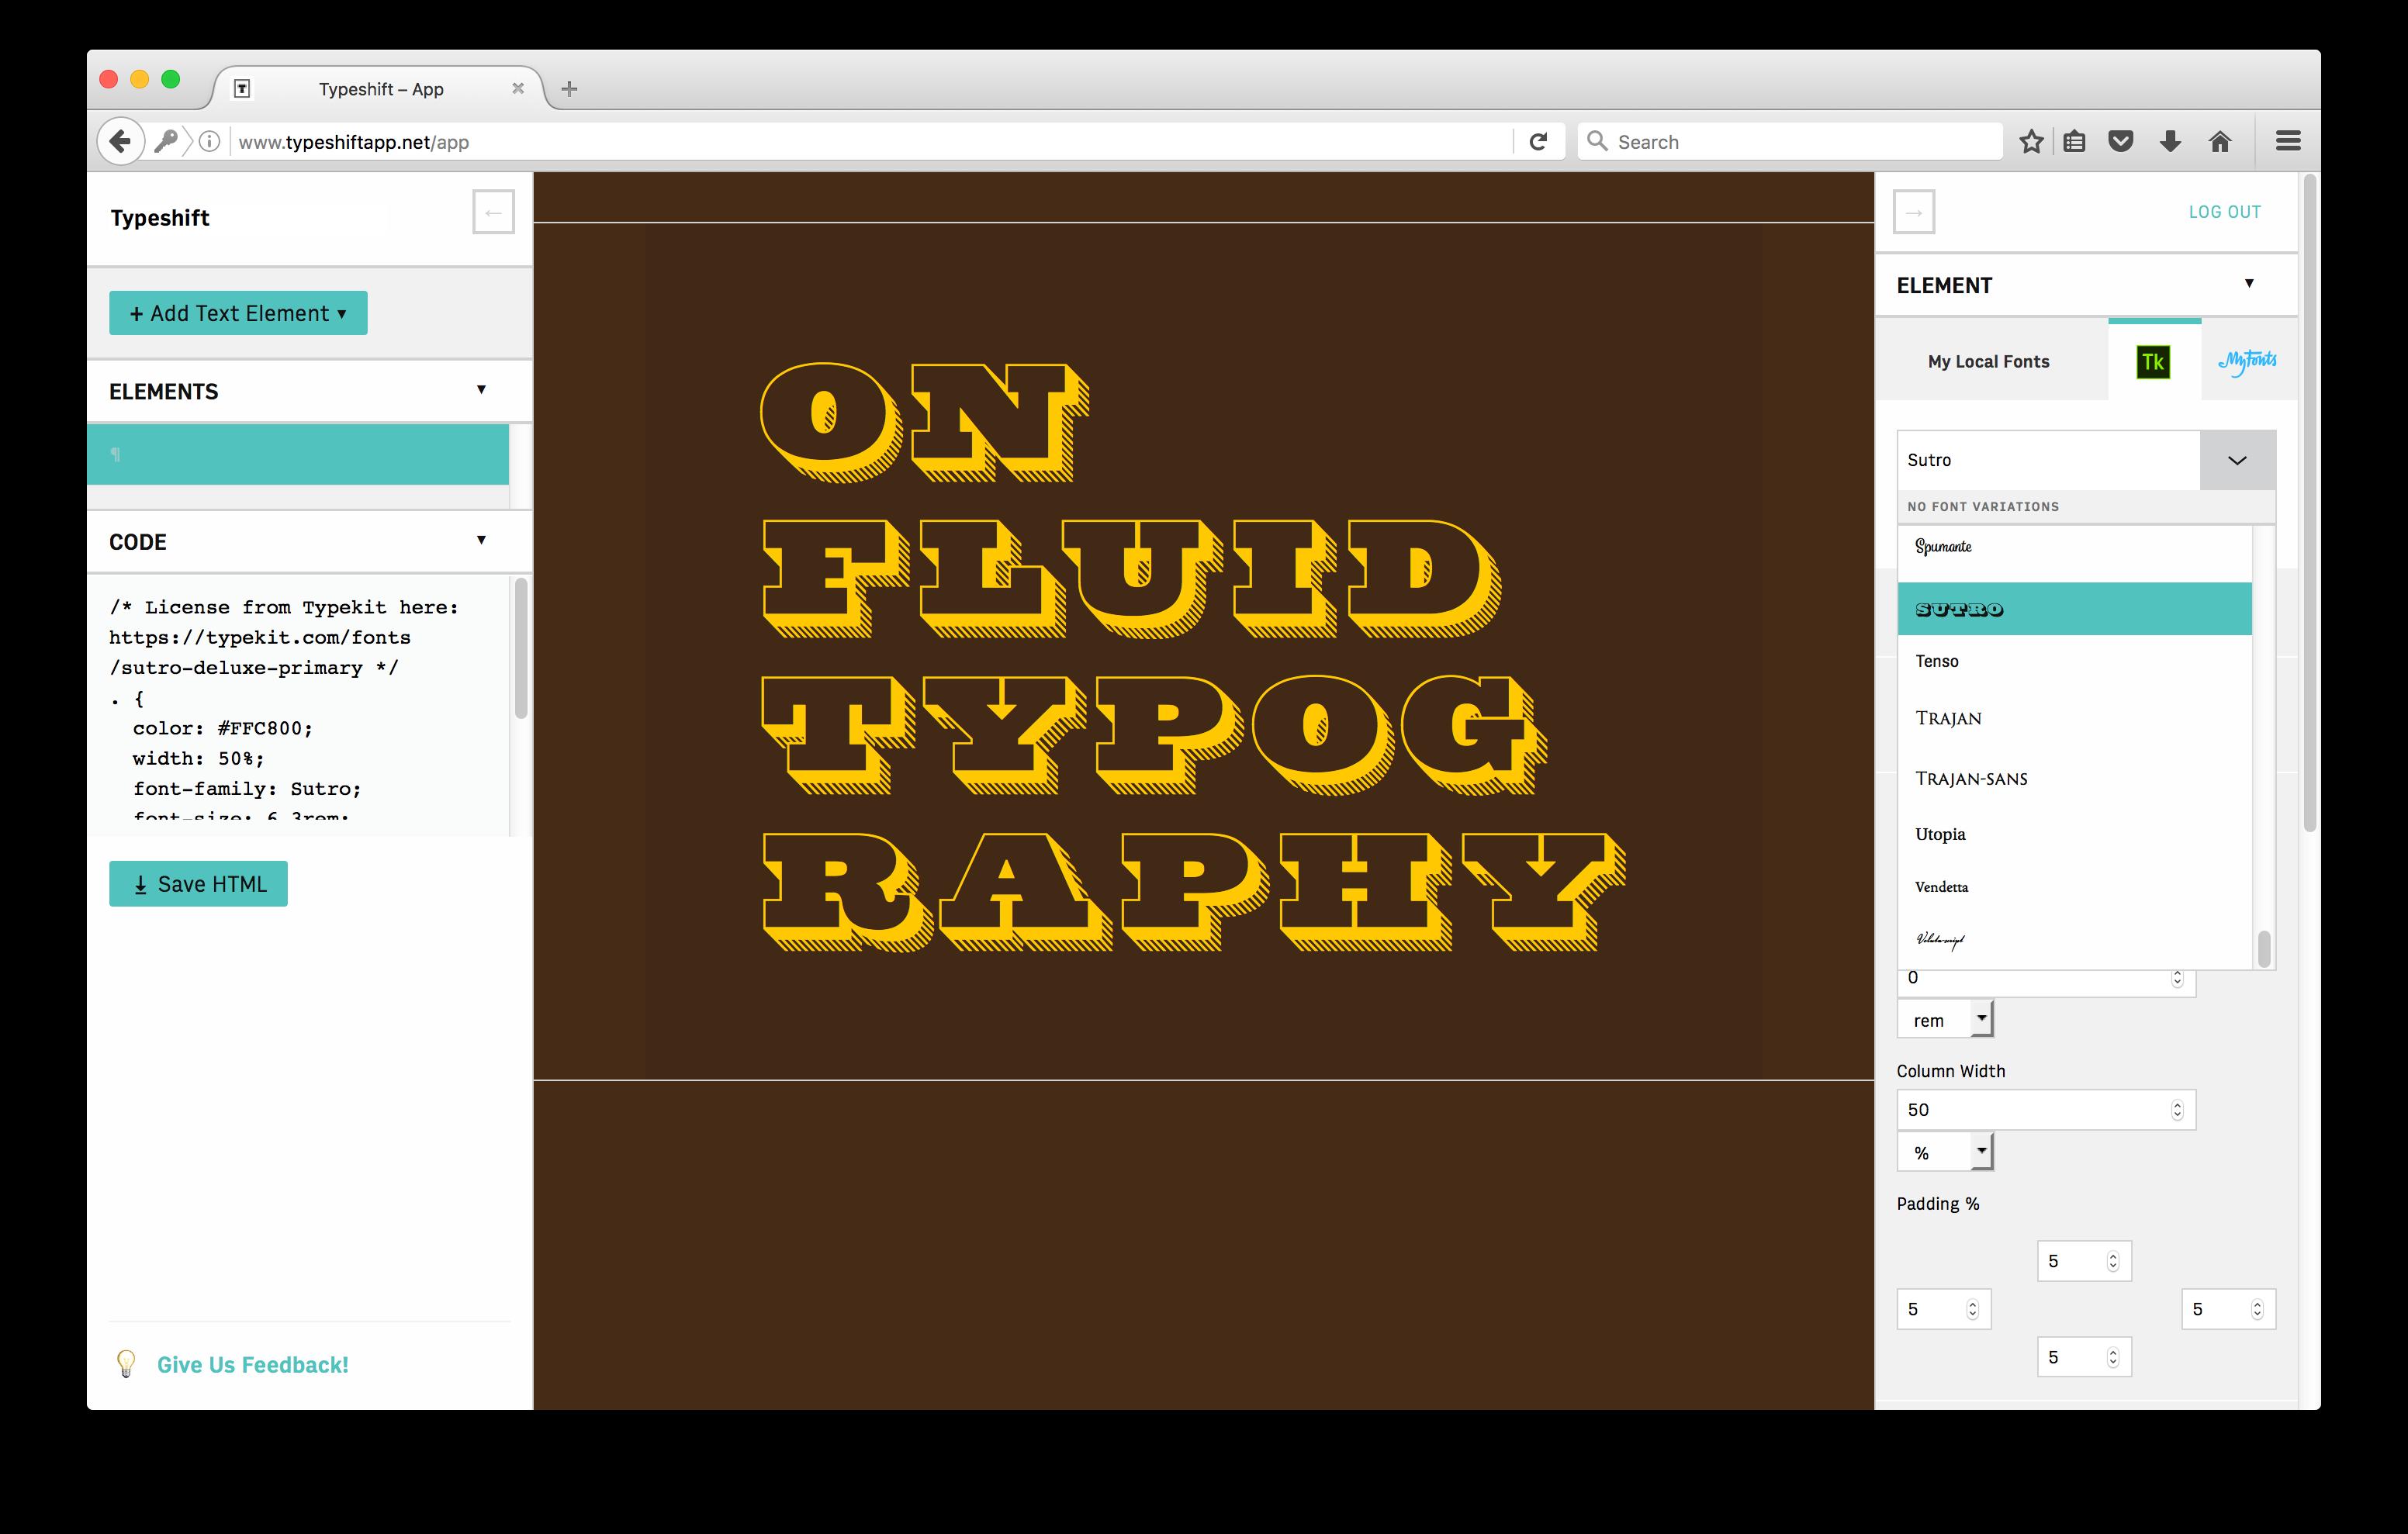 Typeshift with Typekit